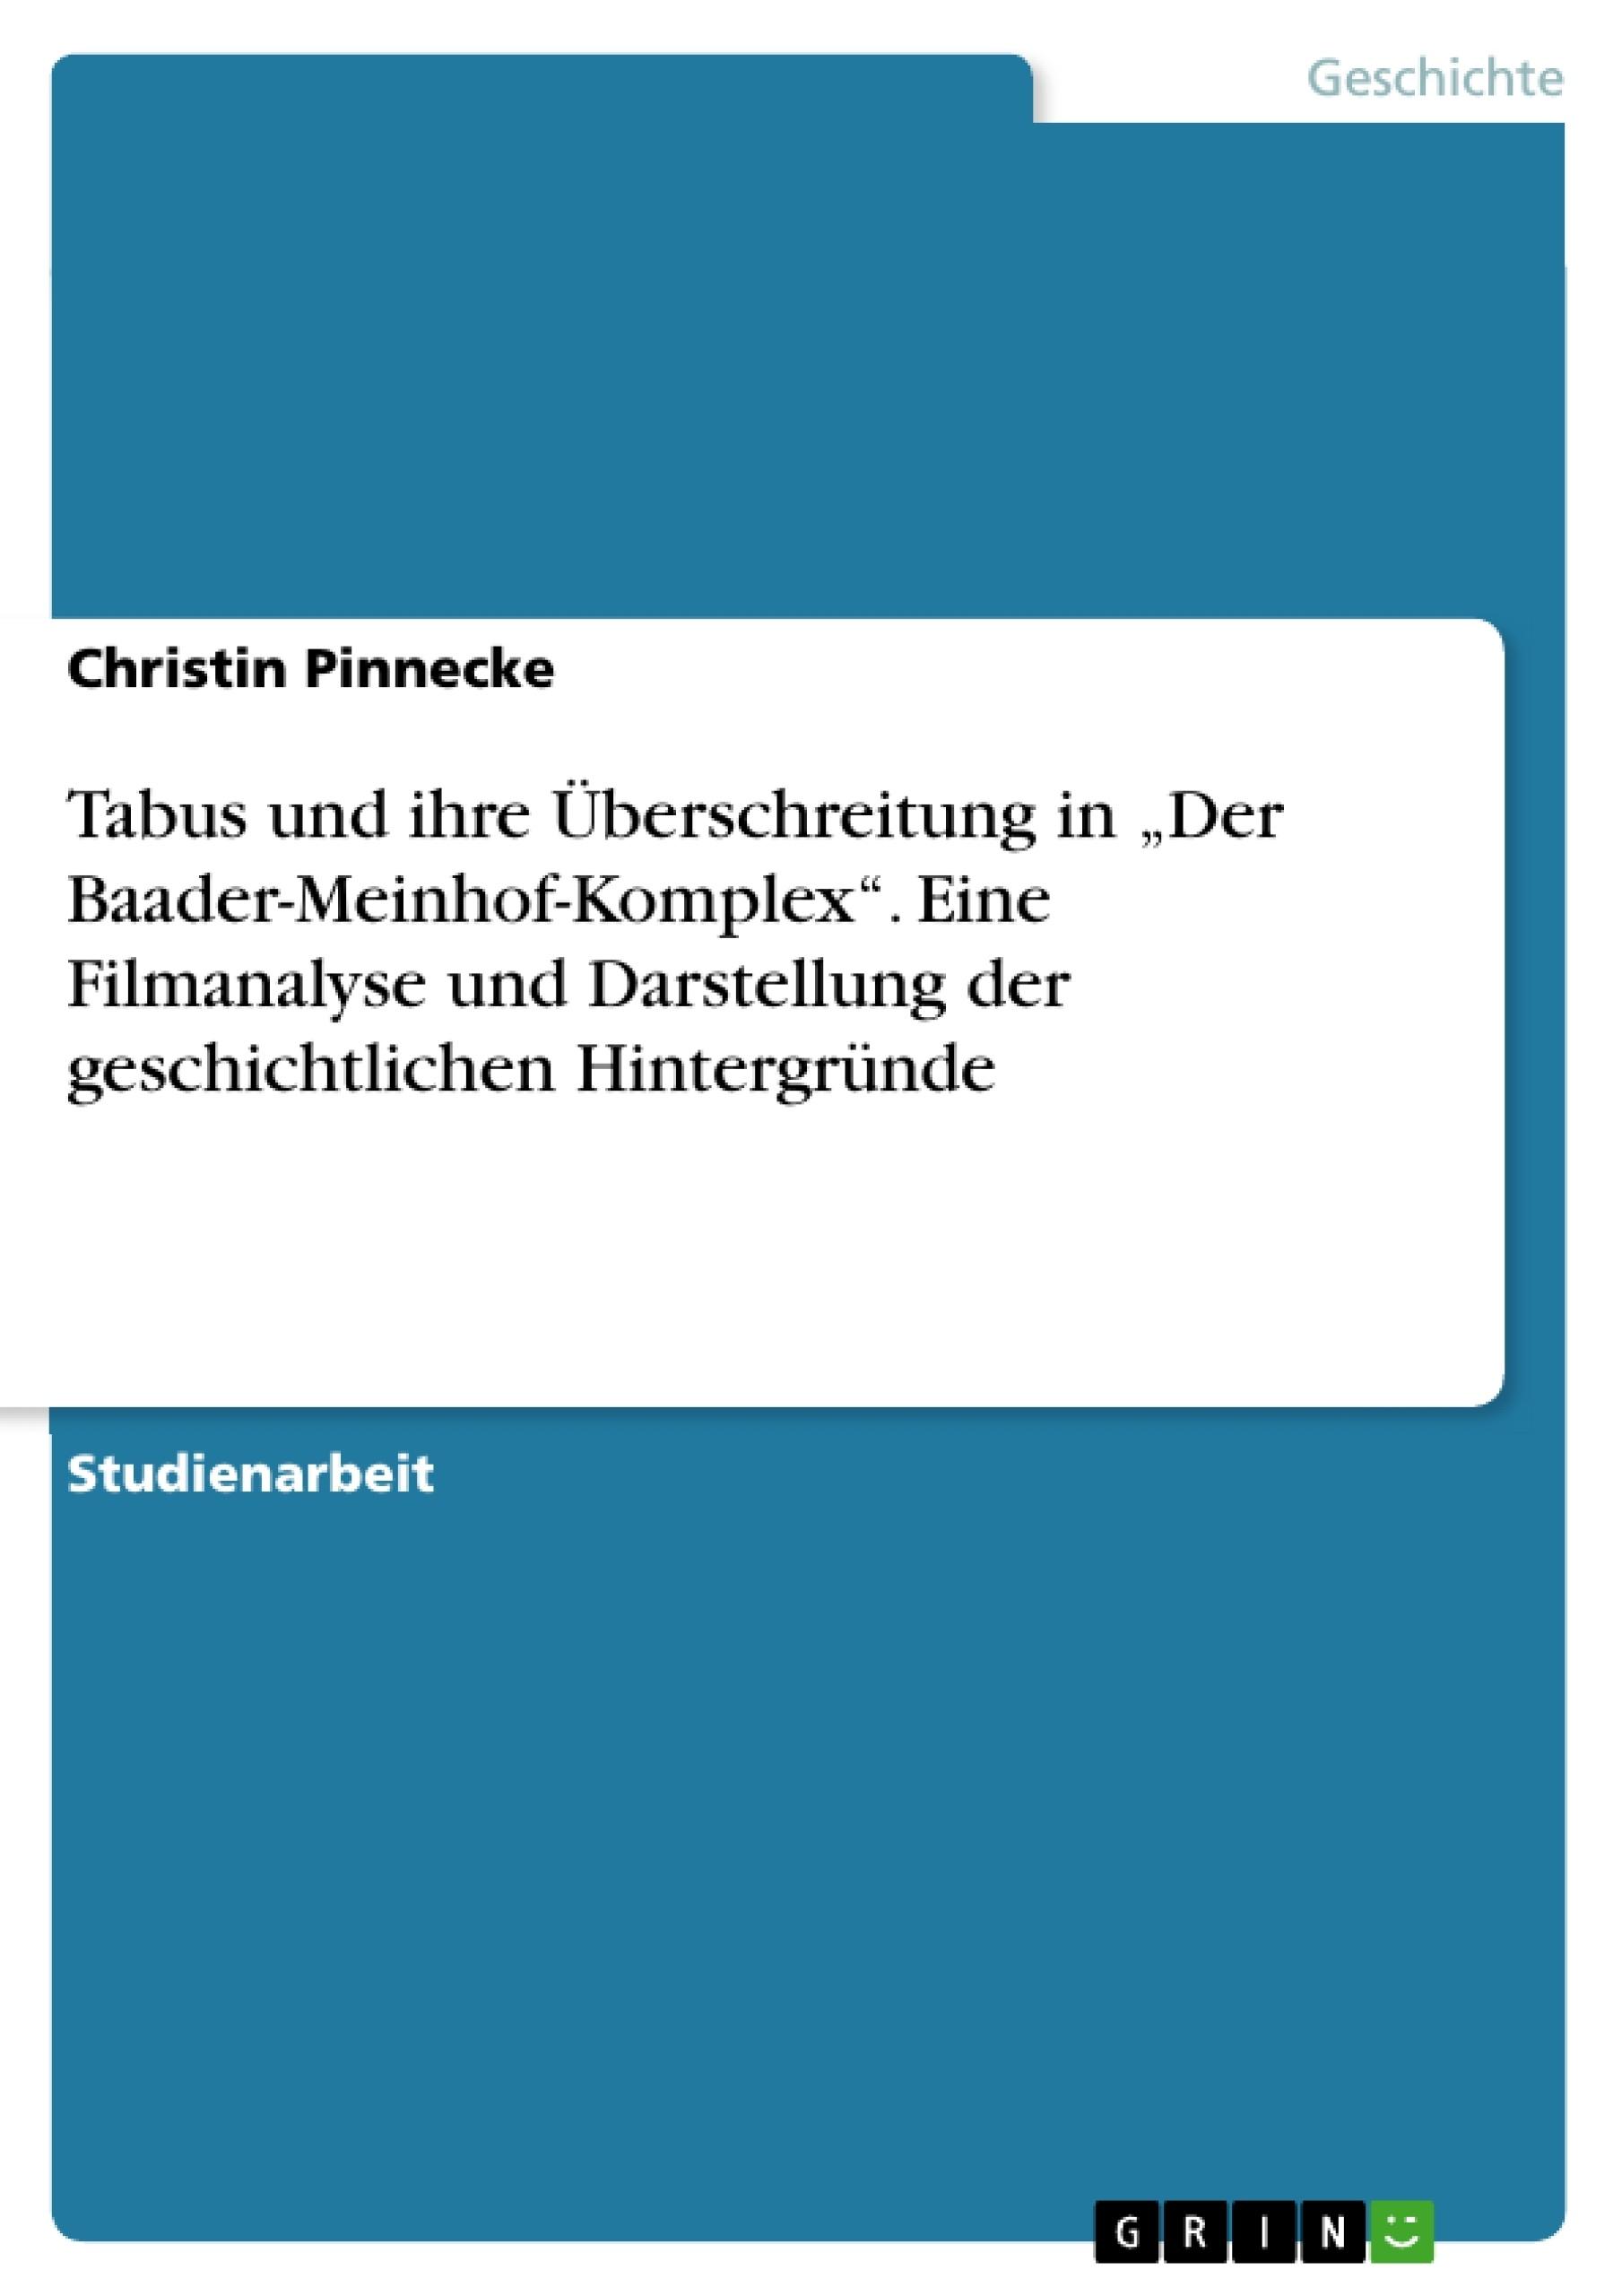 """Titel: Tabus und ihre Überschreitung in """"Der Baader-Meinhof-Komplex"""". Eine Filmanalyse und Darstellung der geschichtlichen Hintergründe"""